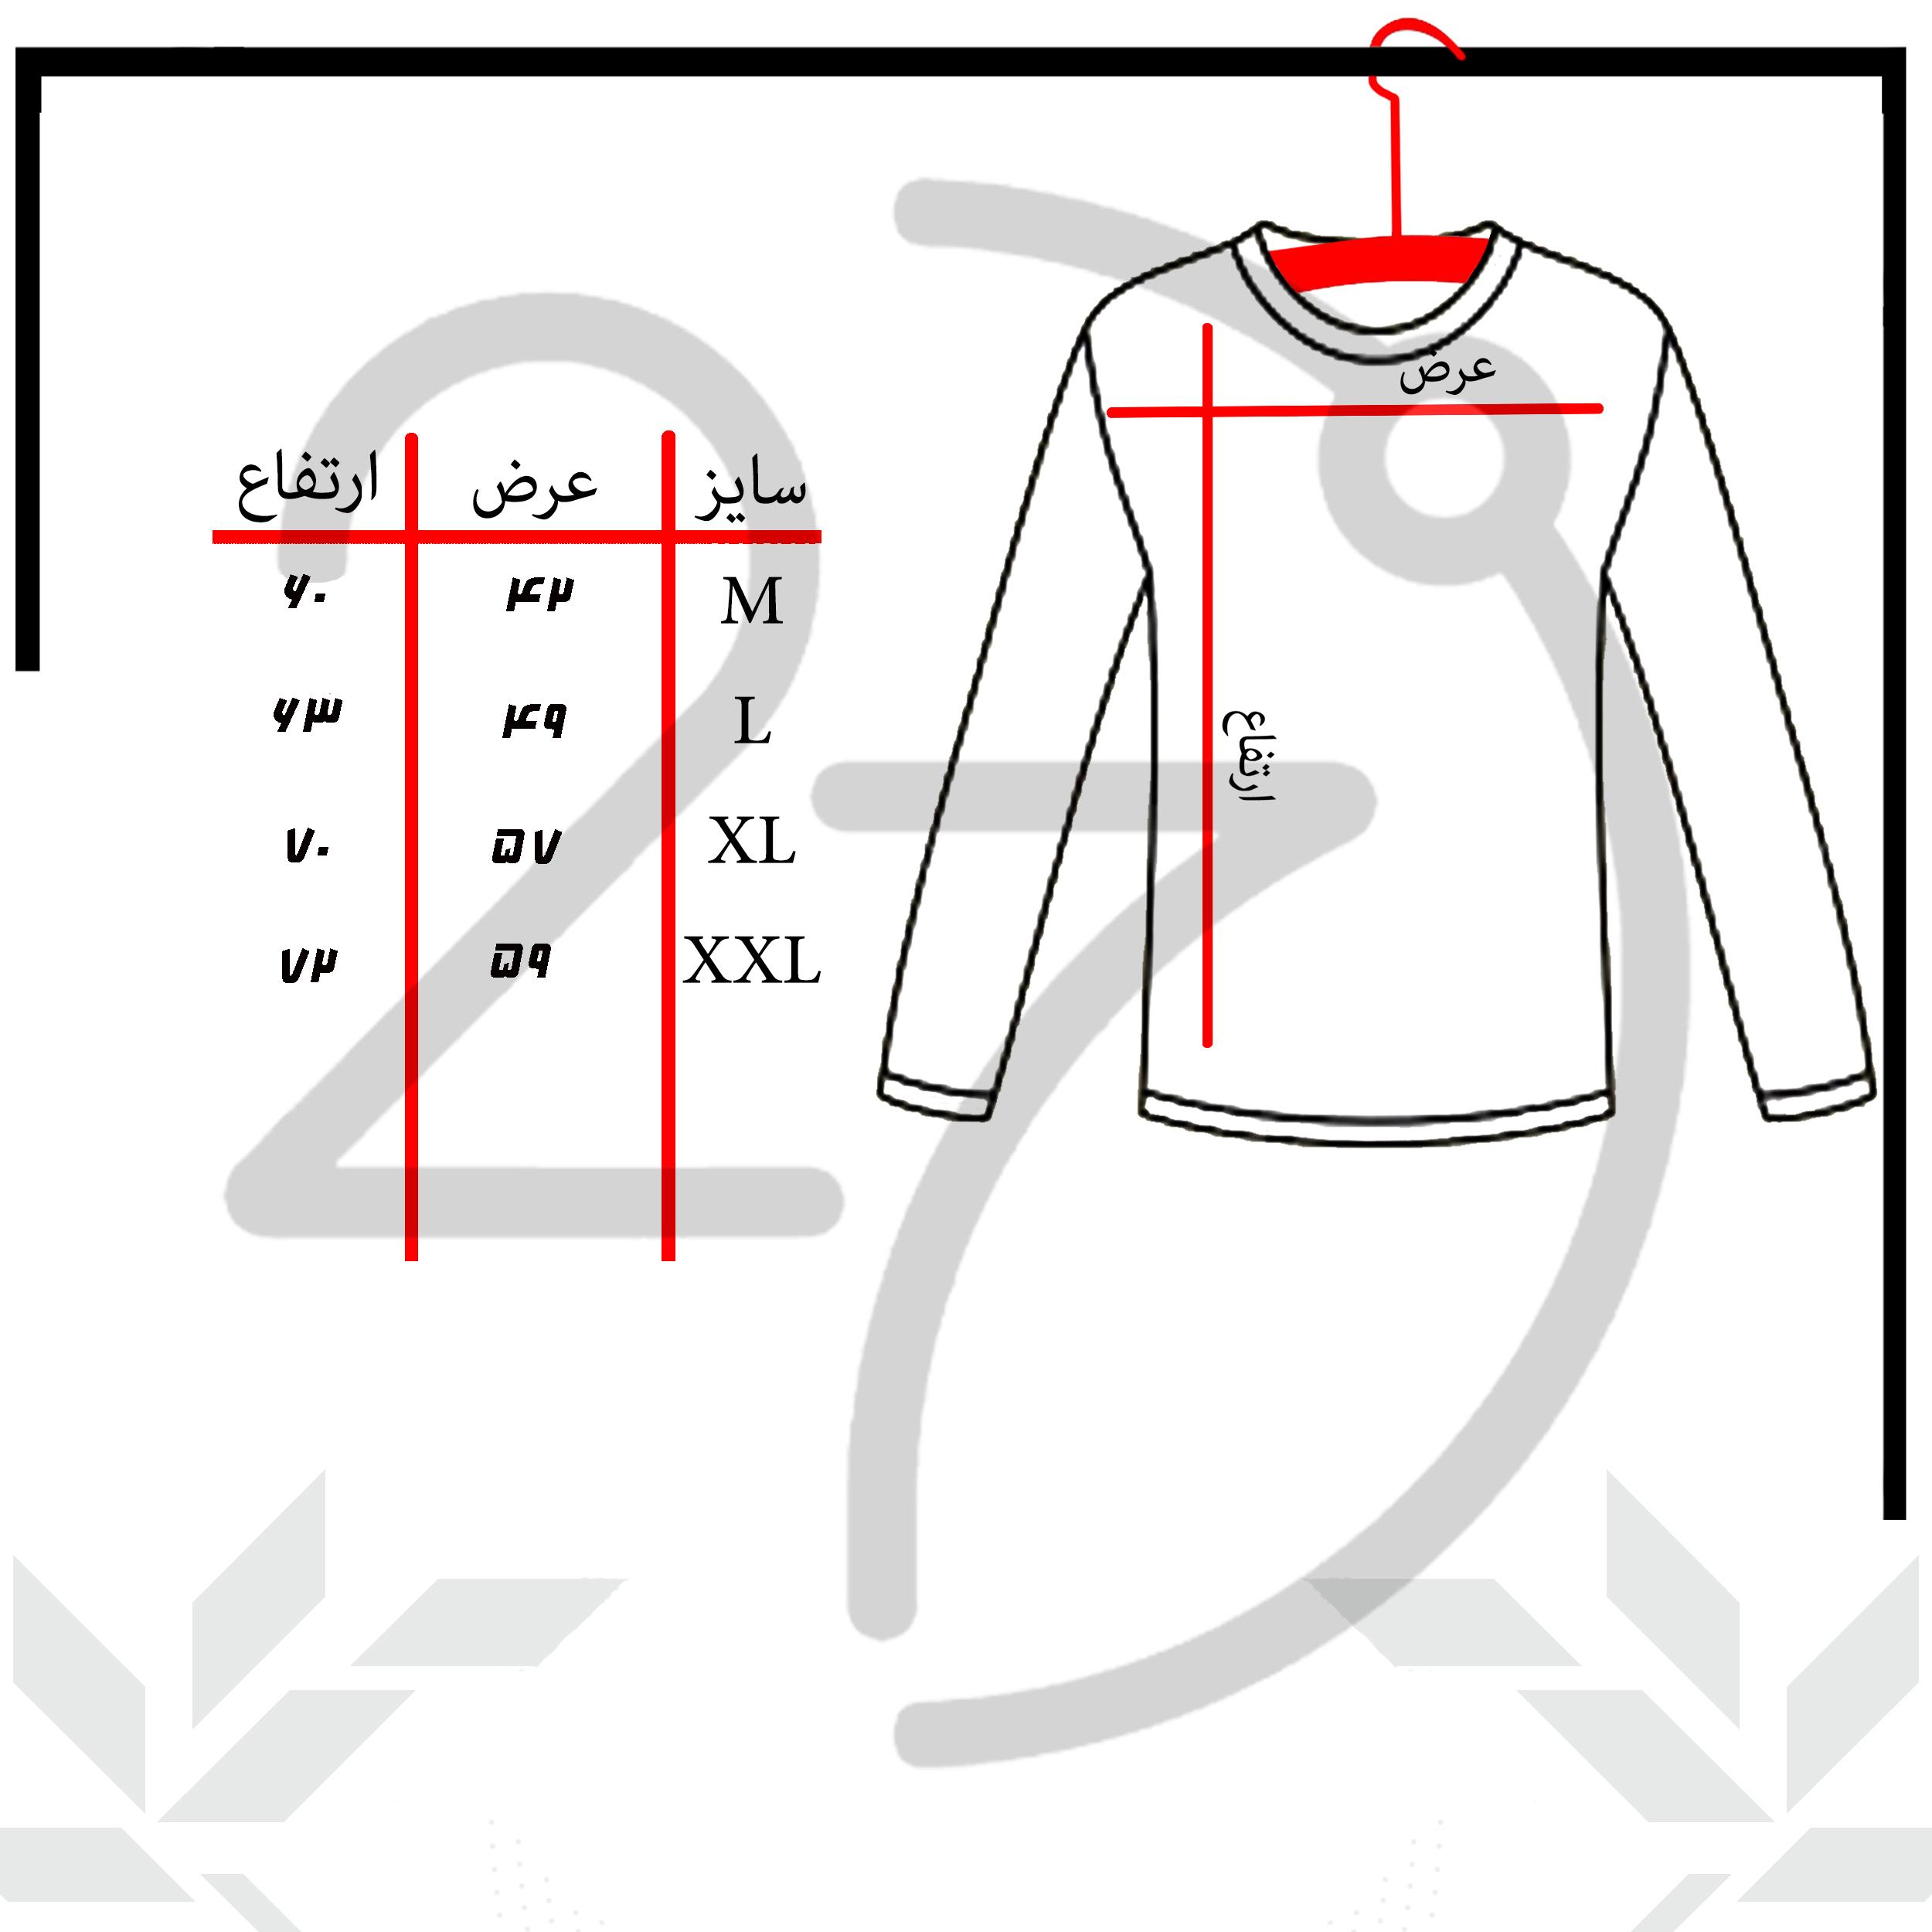 تی شرت آستین بلند زنانه 27 مدل girl کد B124